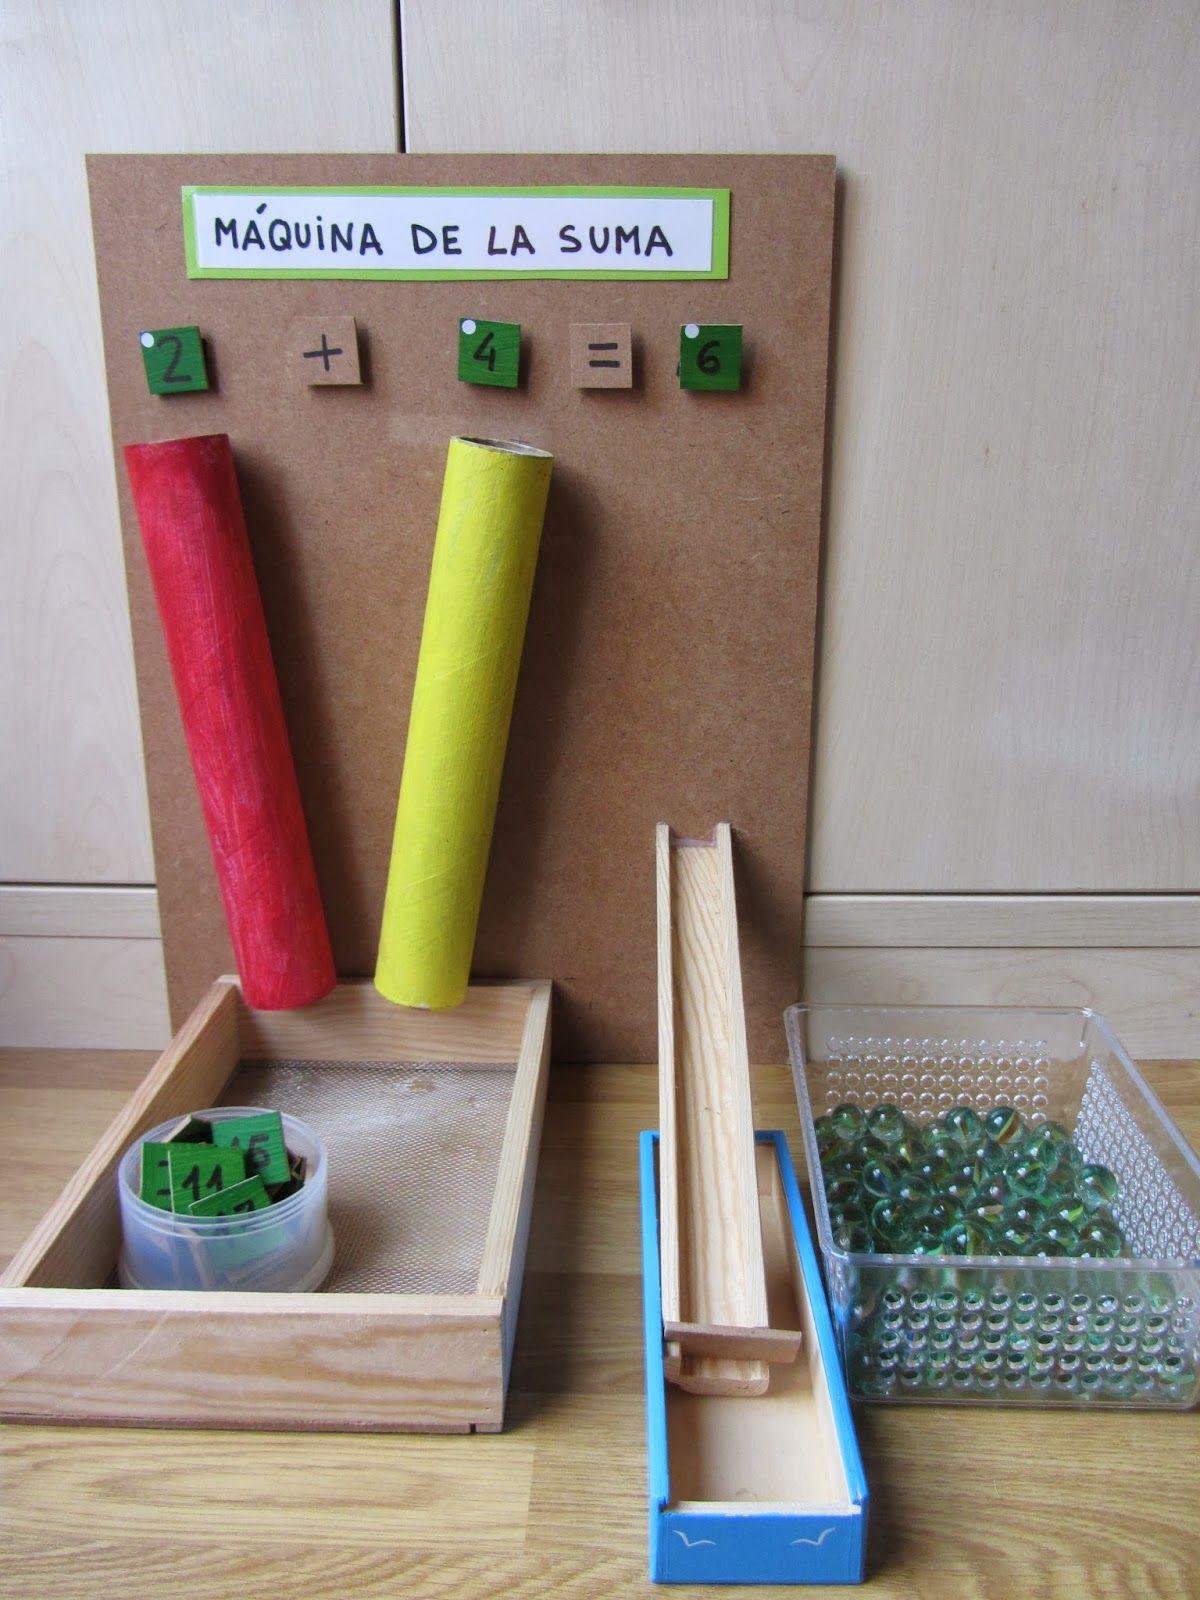 Criaramarvivirspot 02 La Maquina De La Suma